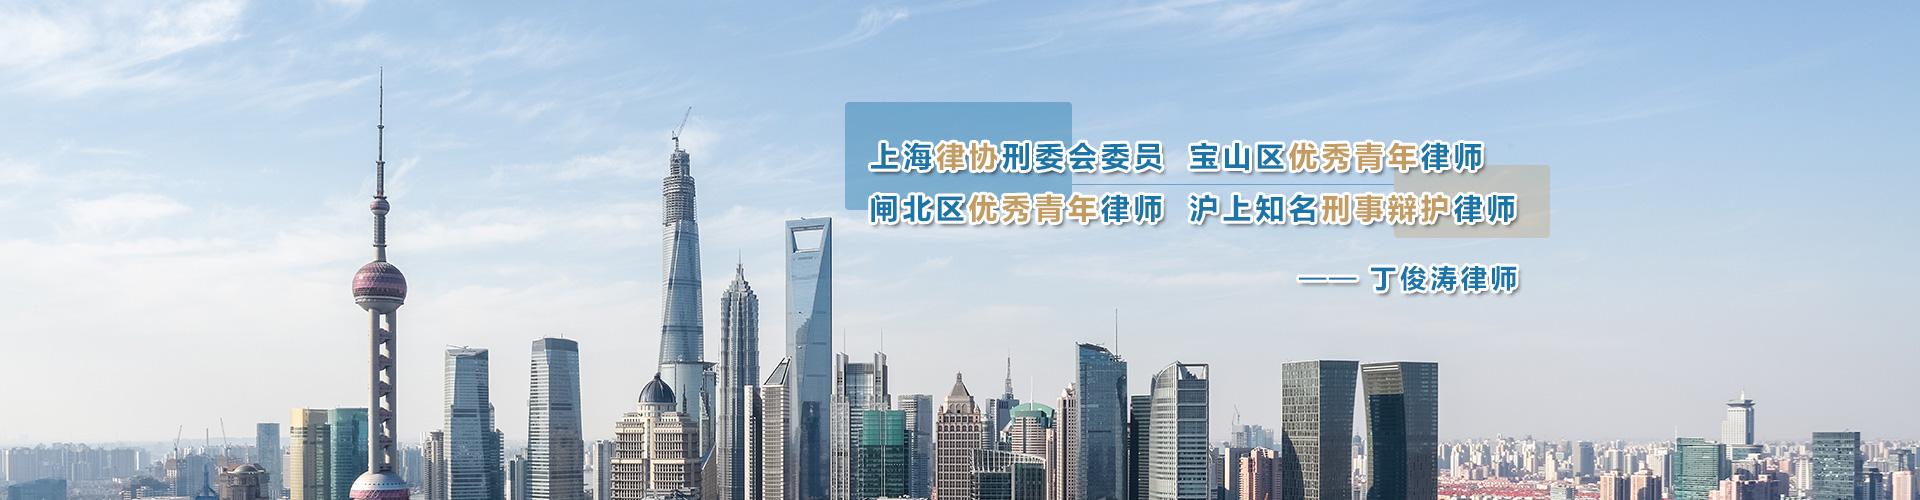 上海丁俊涛律师